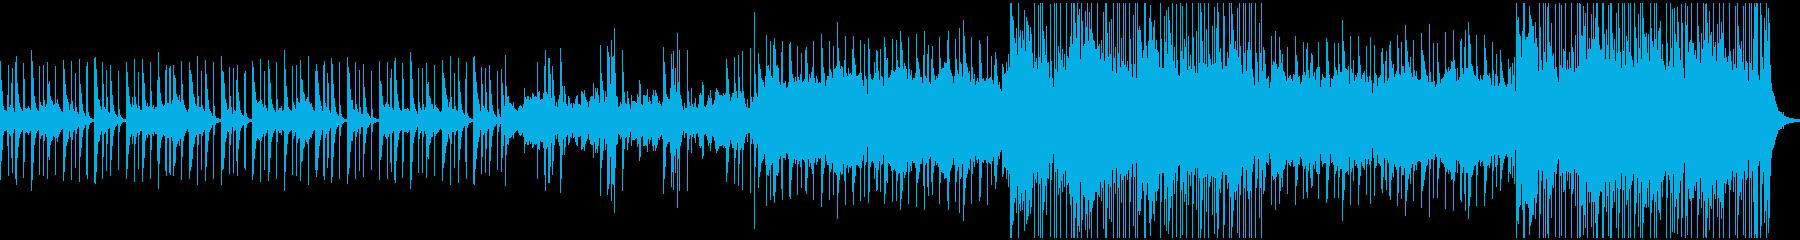 中東の楽器を使った オリエンタルの再生済みの波形